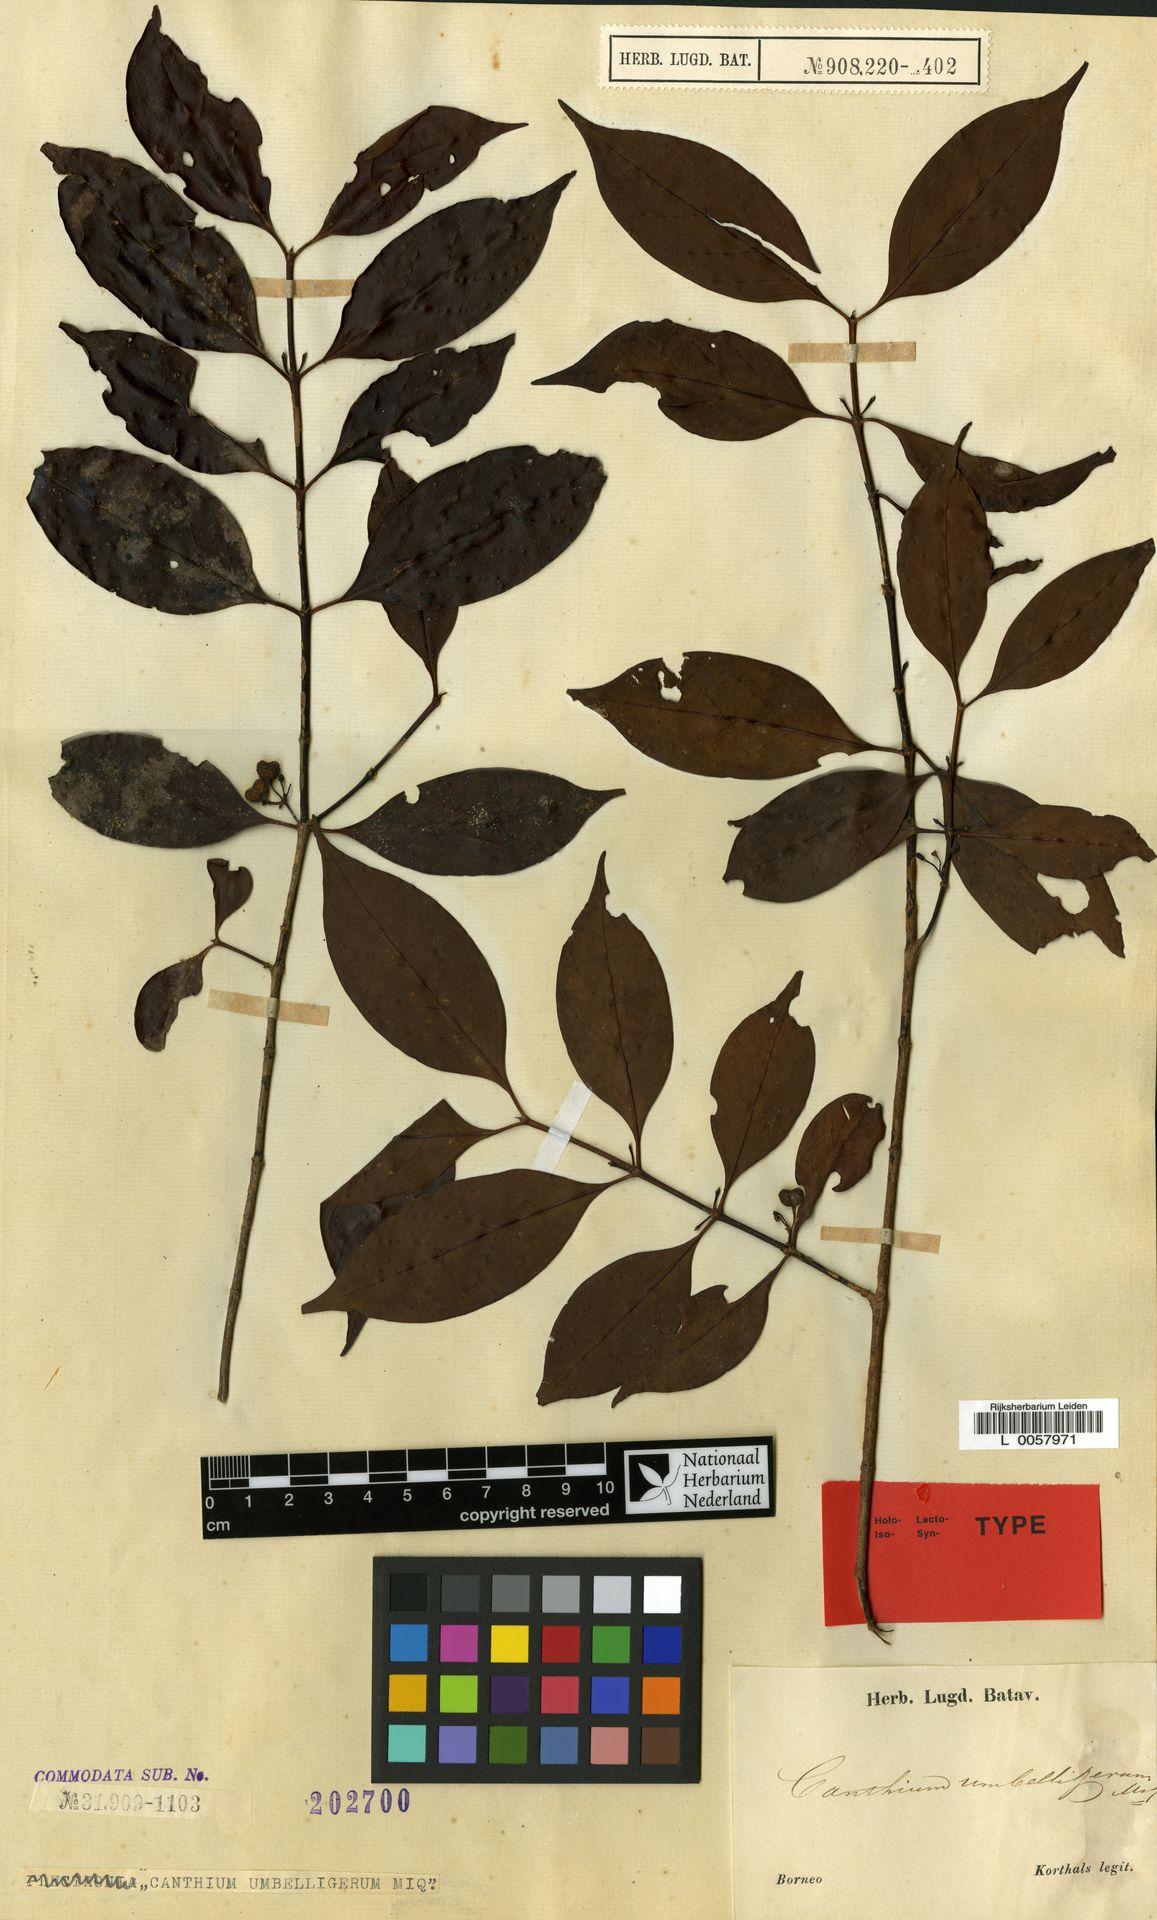 L  0057971 | Canthium umbelligerum Miq.